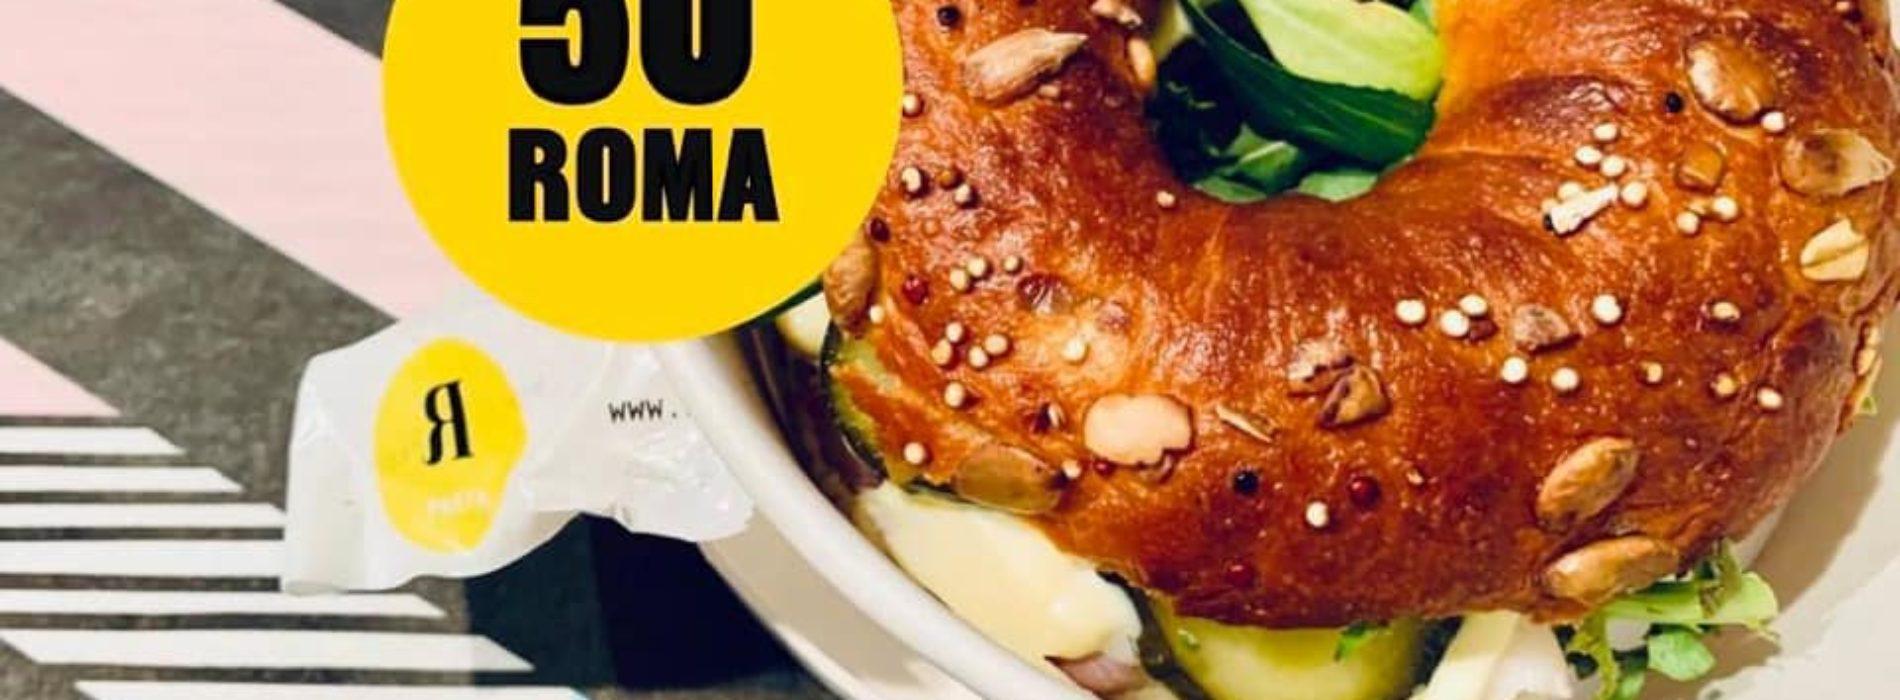 I migliori delivery di Roma, cibo a domicilio da ristoranti di qualità in tempi di coronavirus